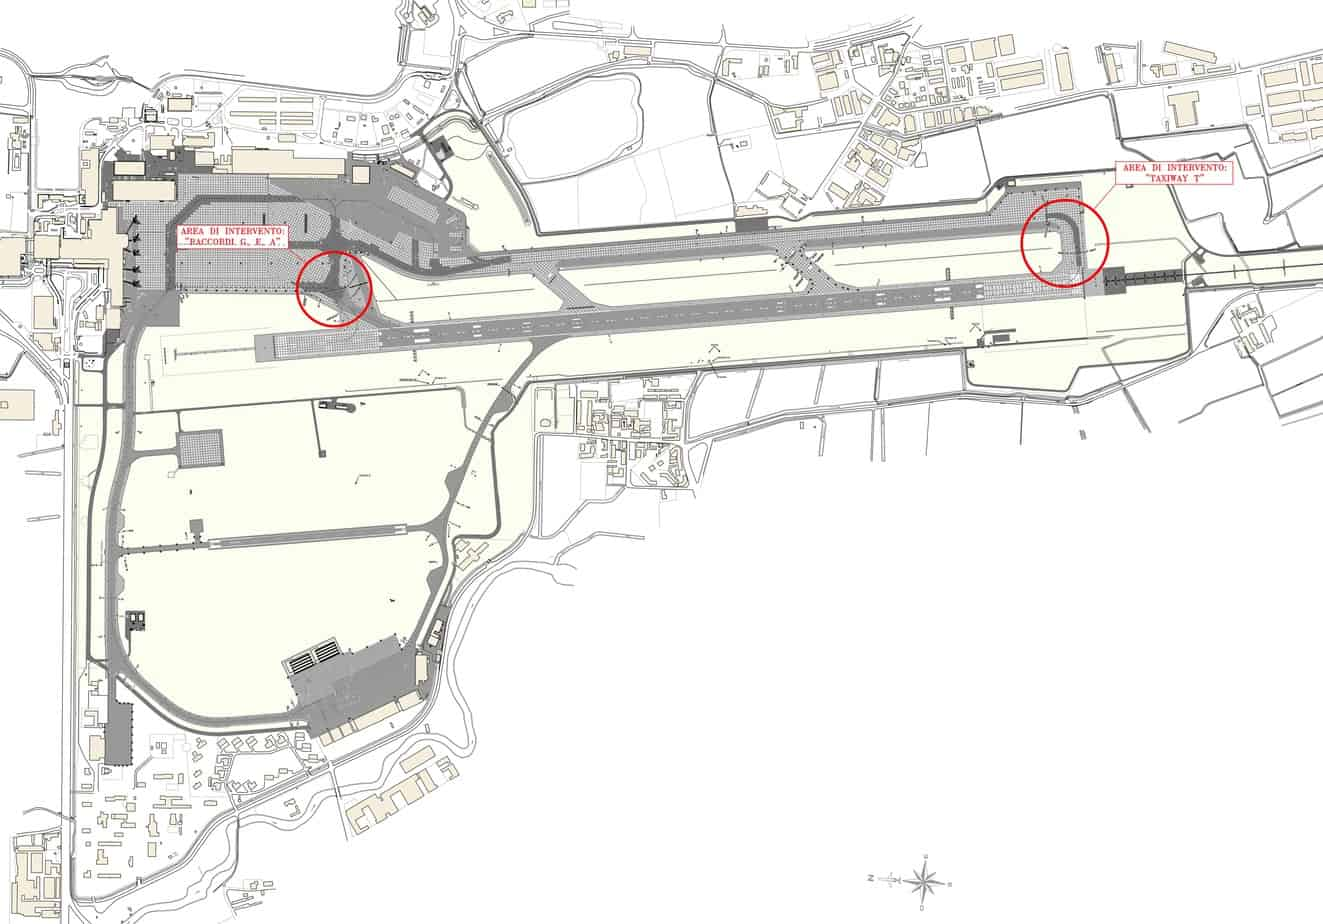 Le aree d'intervento presso l'aeroporto di Milano Linate